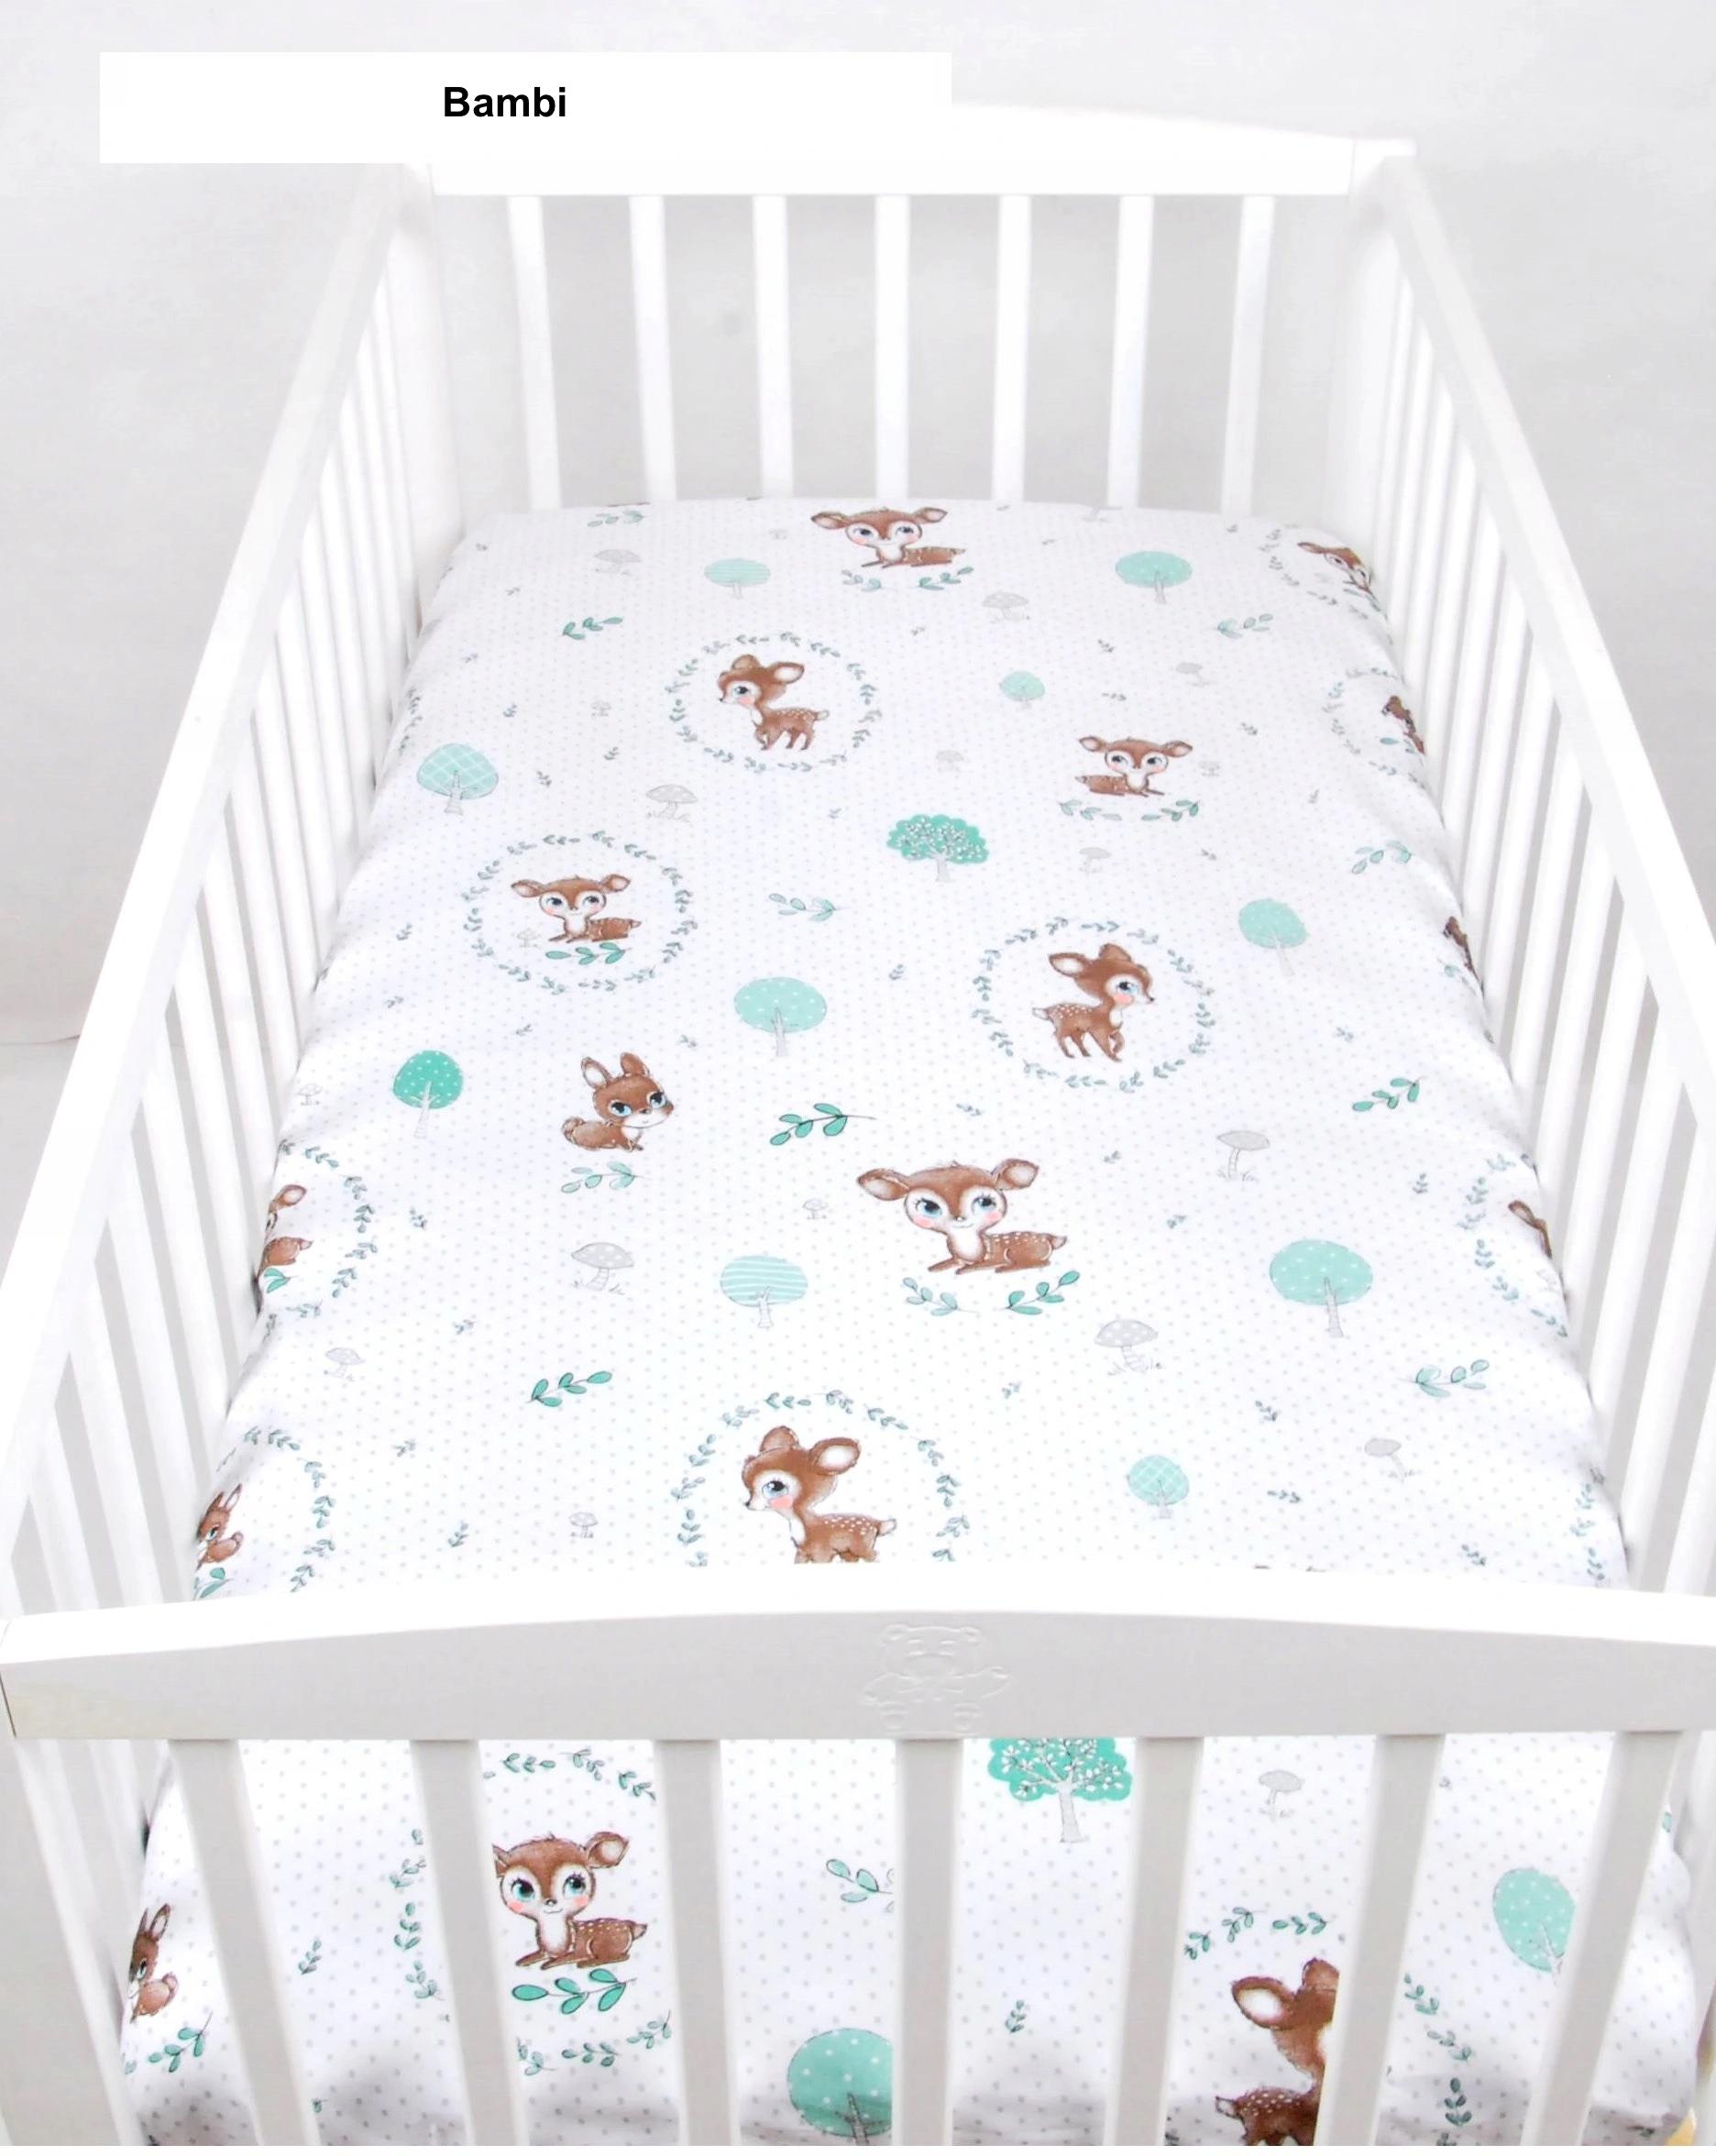 PupyHou Dětské prostěradlo do postele bavlna - 120 x 60 cm, Bambi